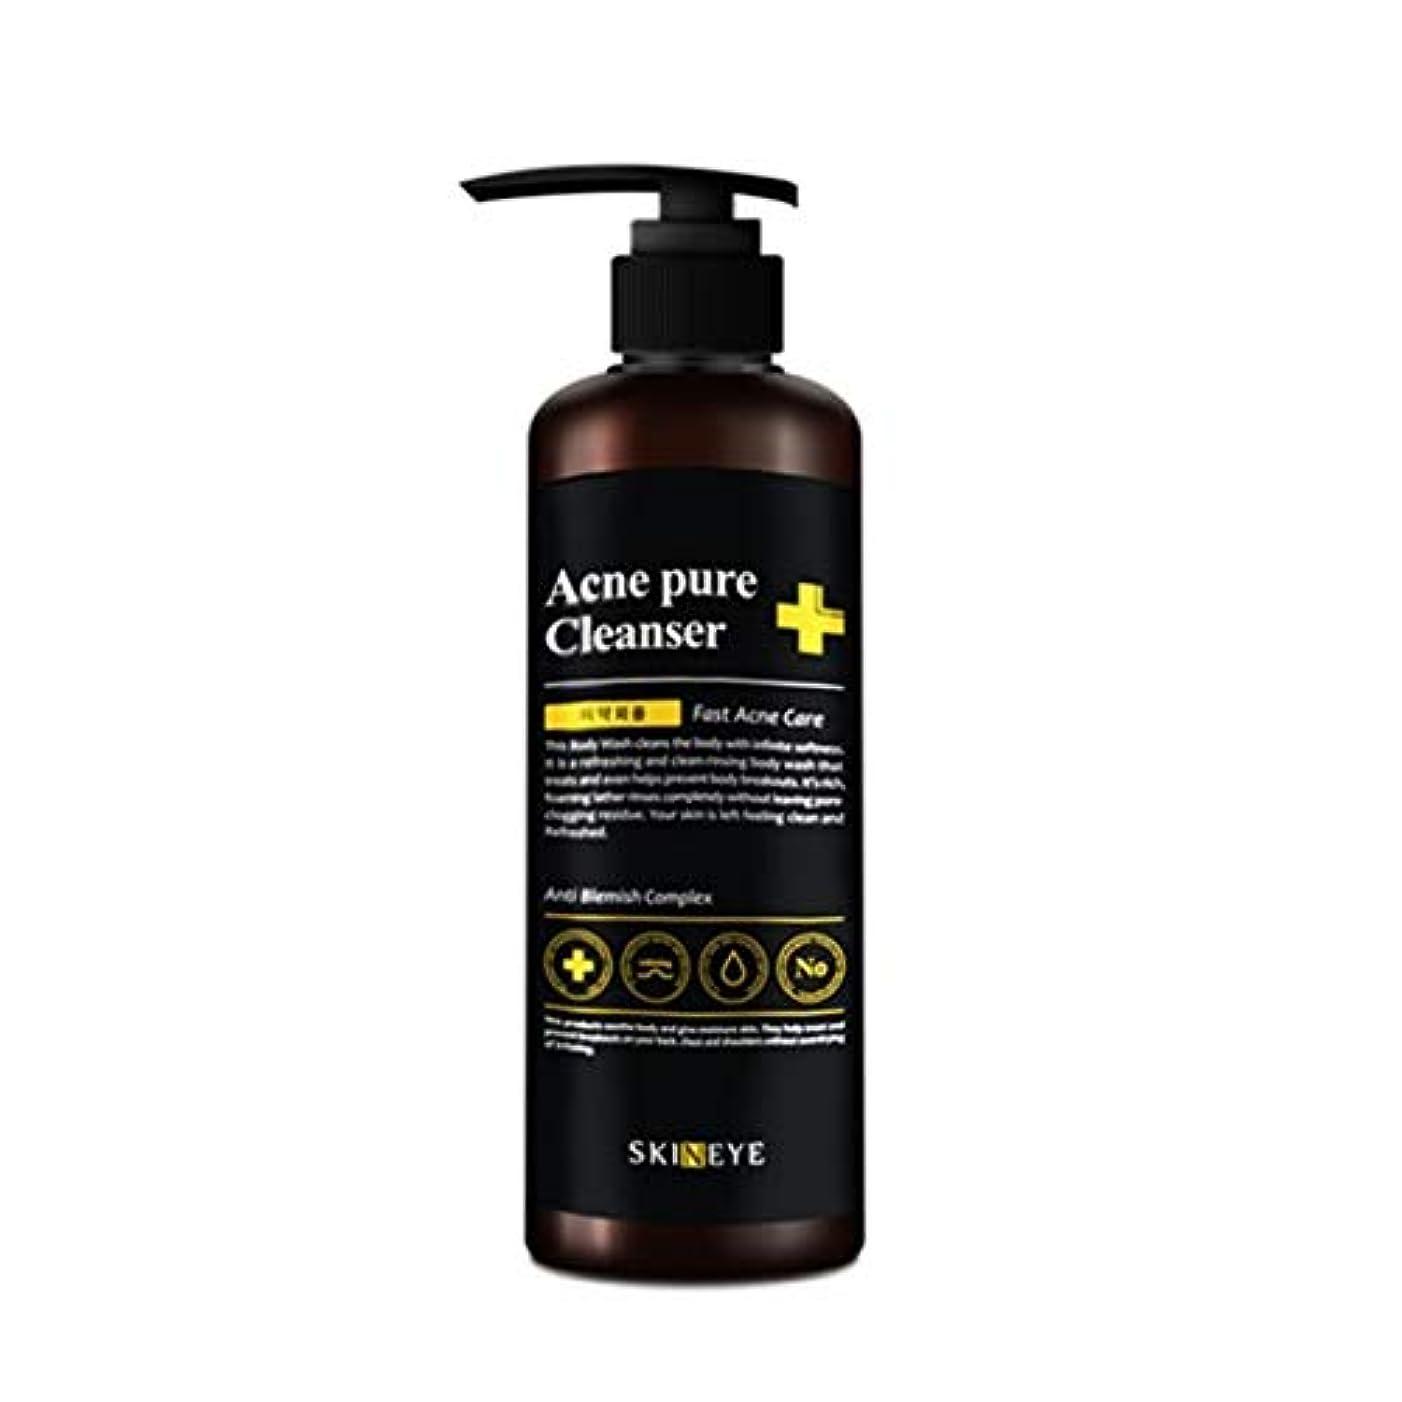 独立して定説金属スキンアイアクネピュアクレンザー300mlの老廃物除去、Skineye Acne Pure Cleanser 300ml Waste Removal [並行輸入品]